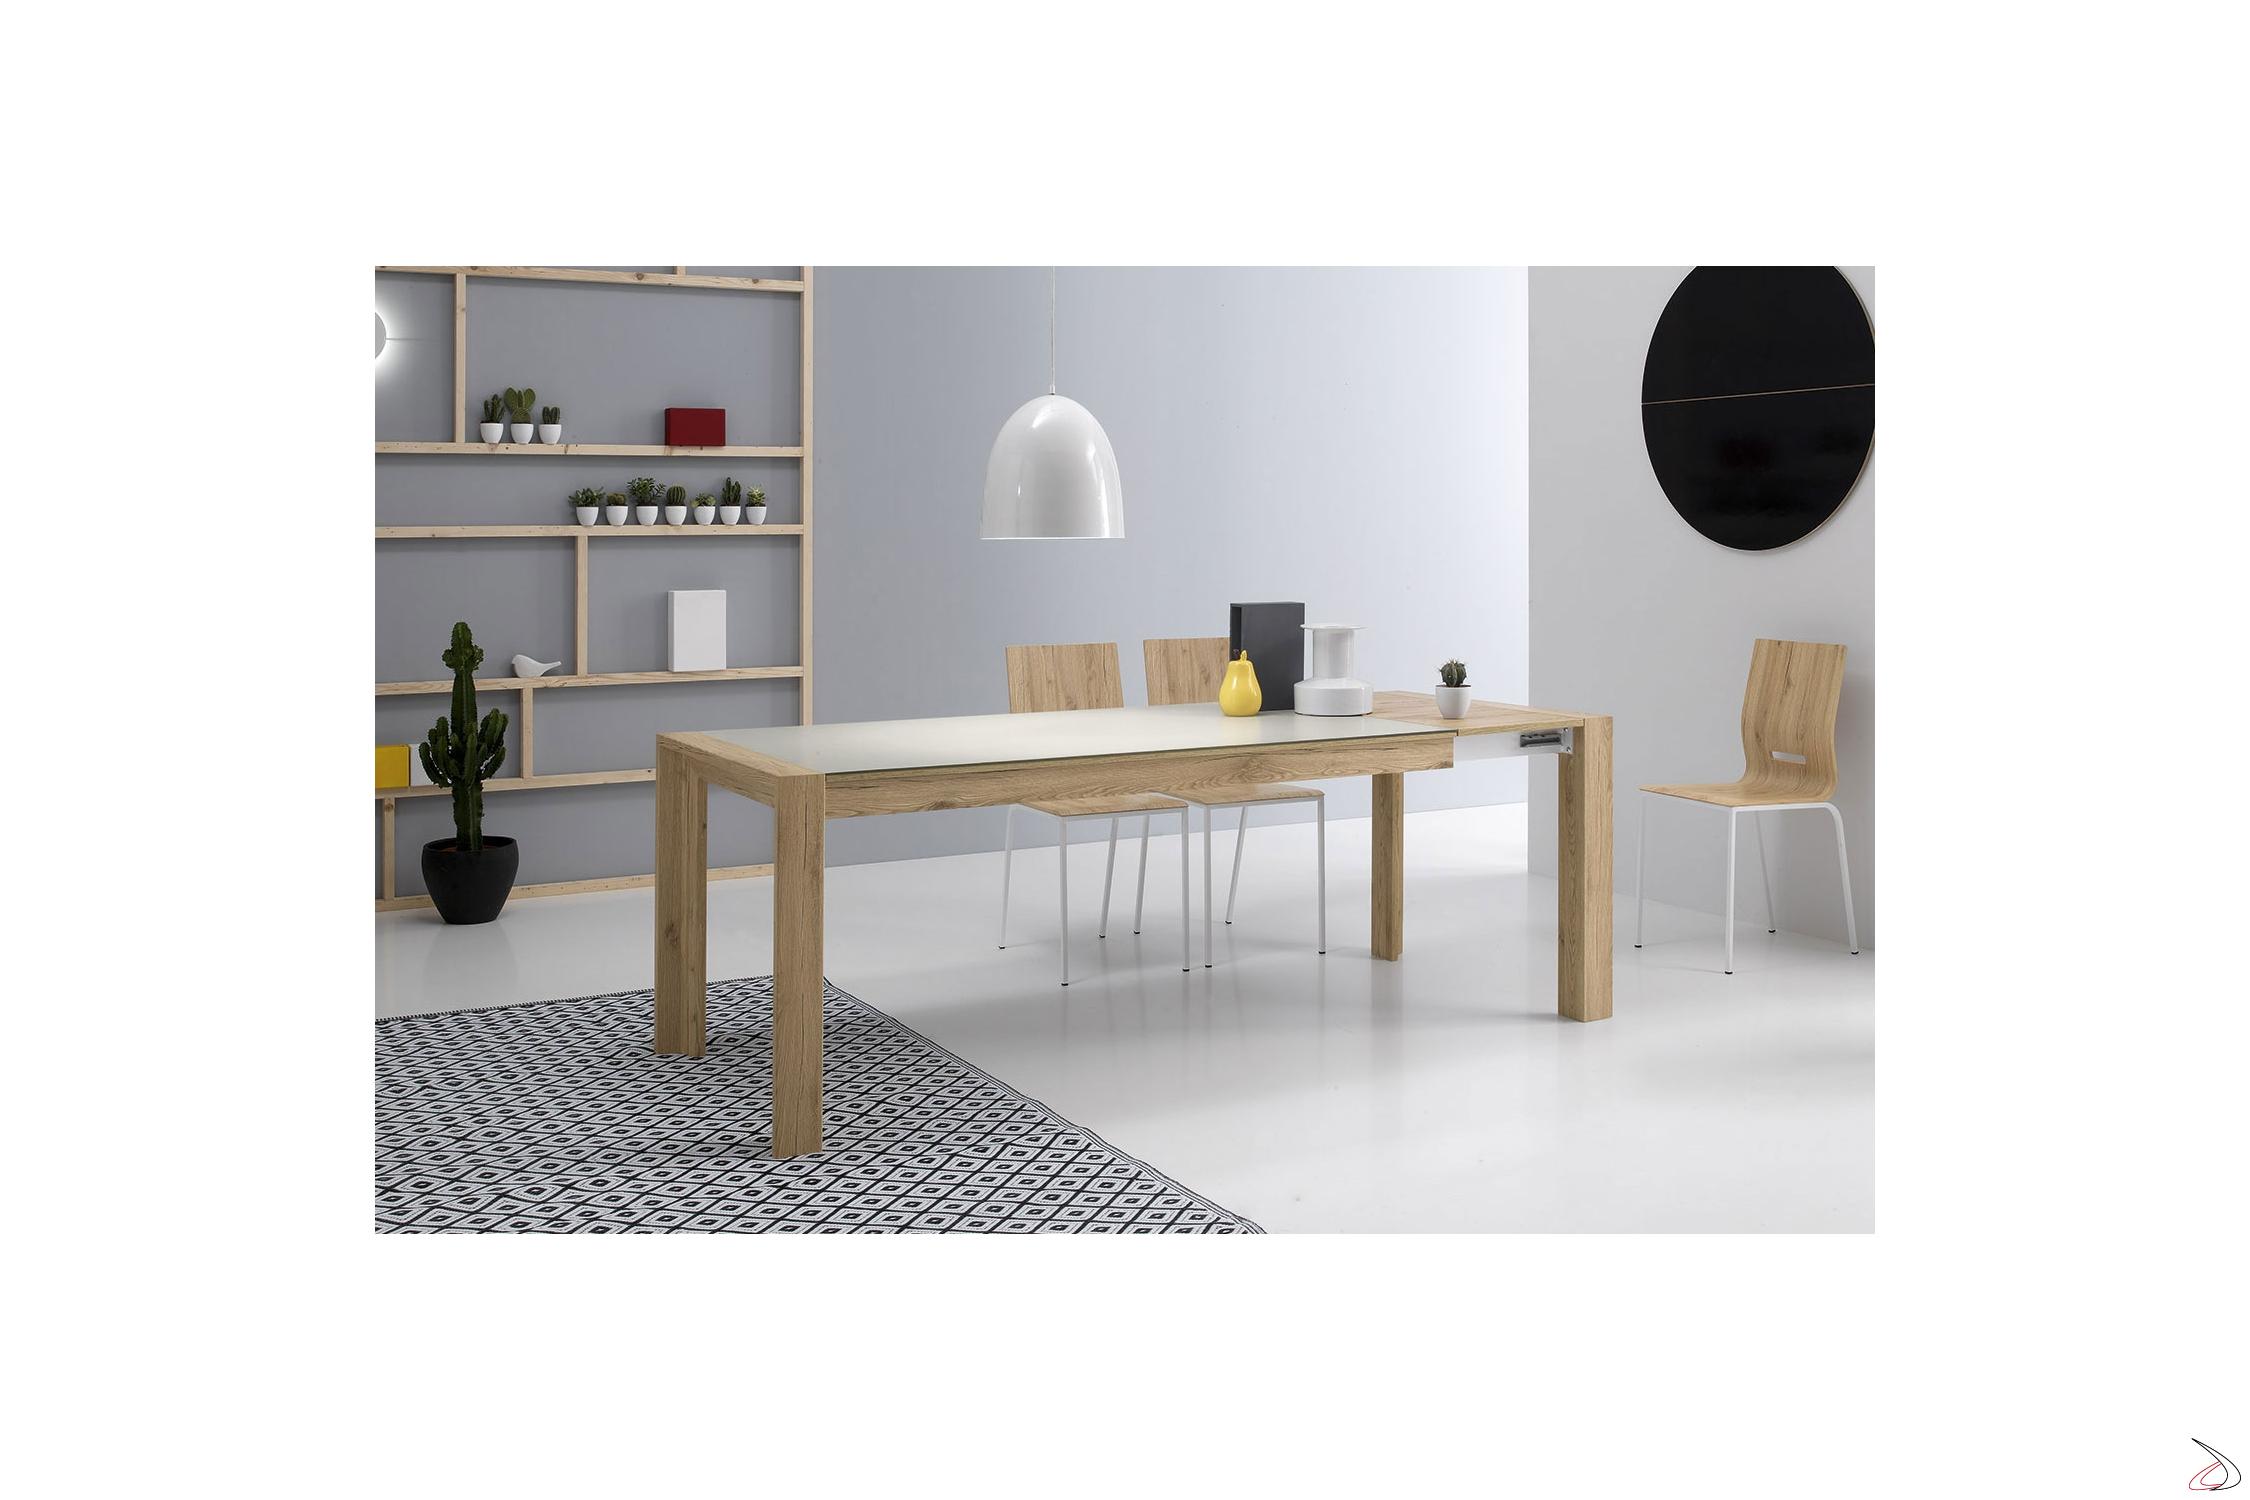 Dimensioni Tavolo Pranzo 12 Persone tavolo milano